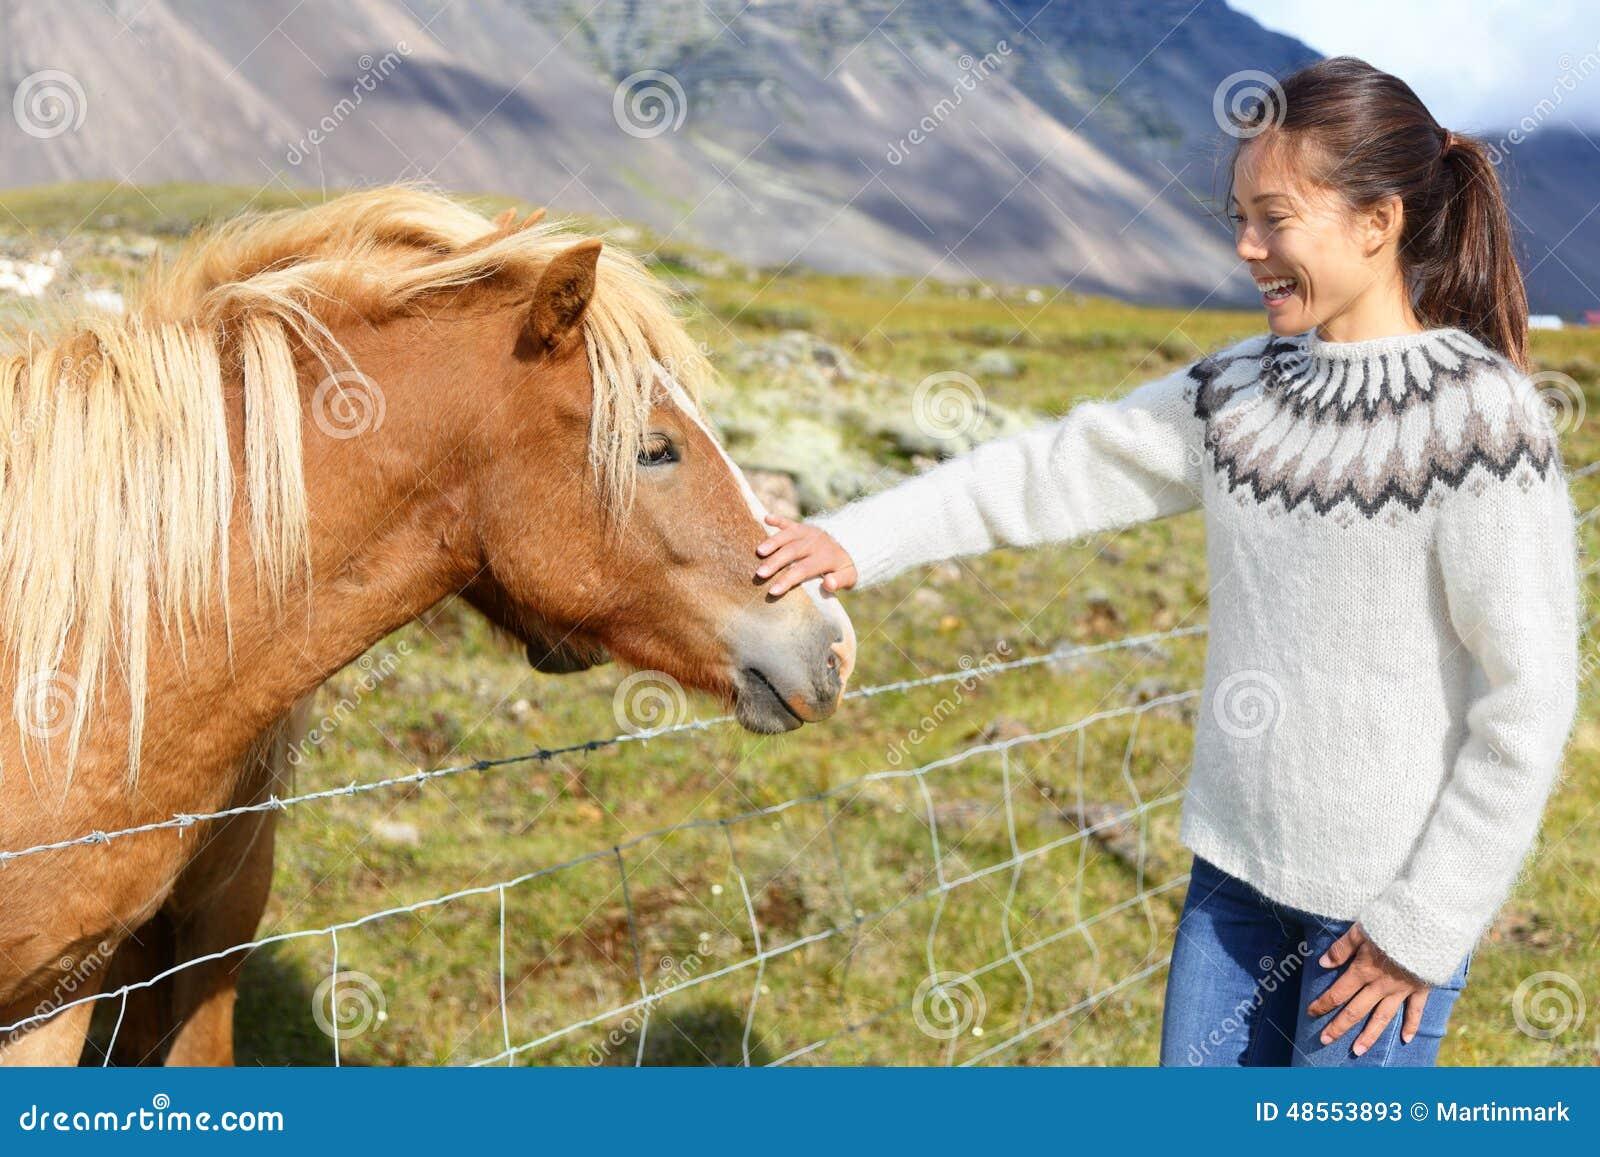 Pferde frau